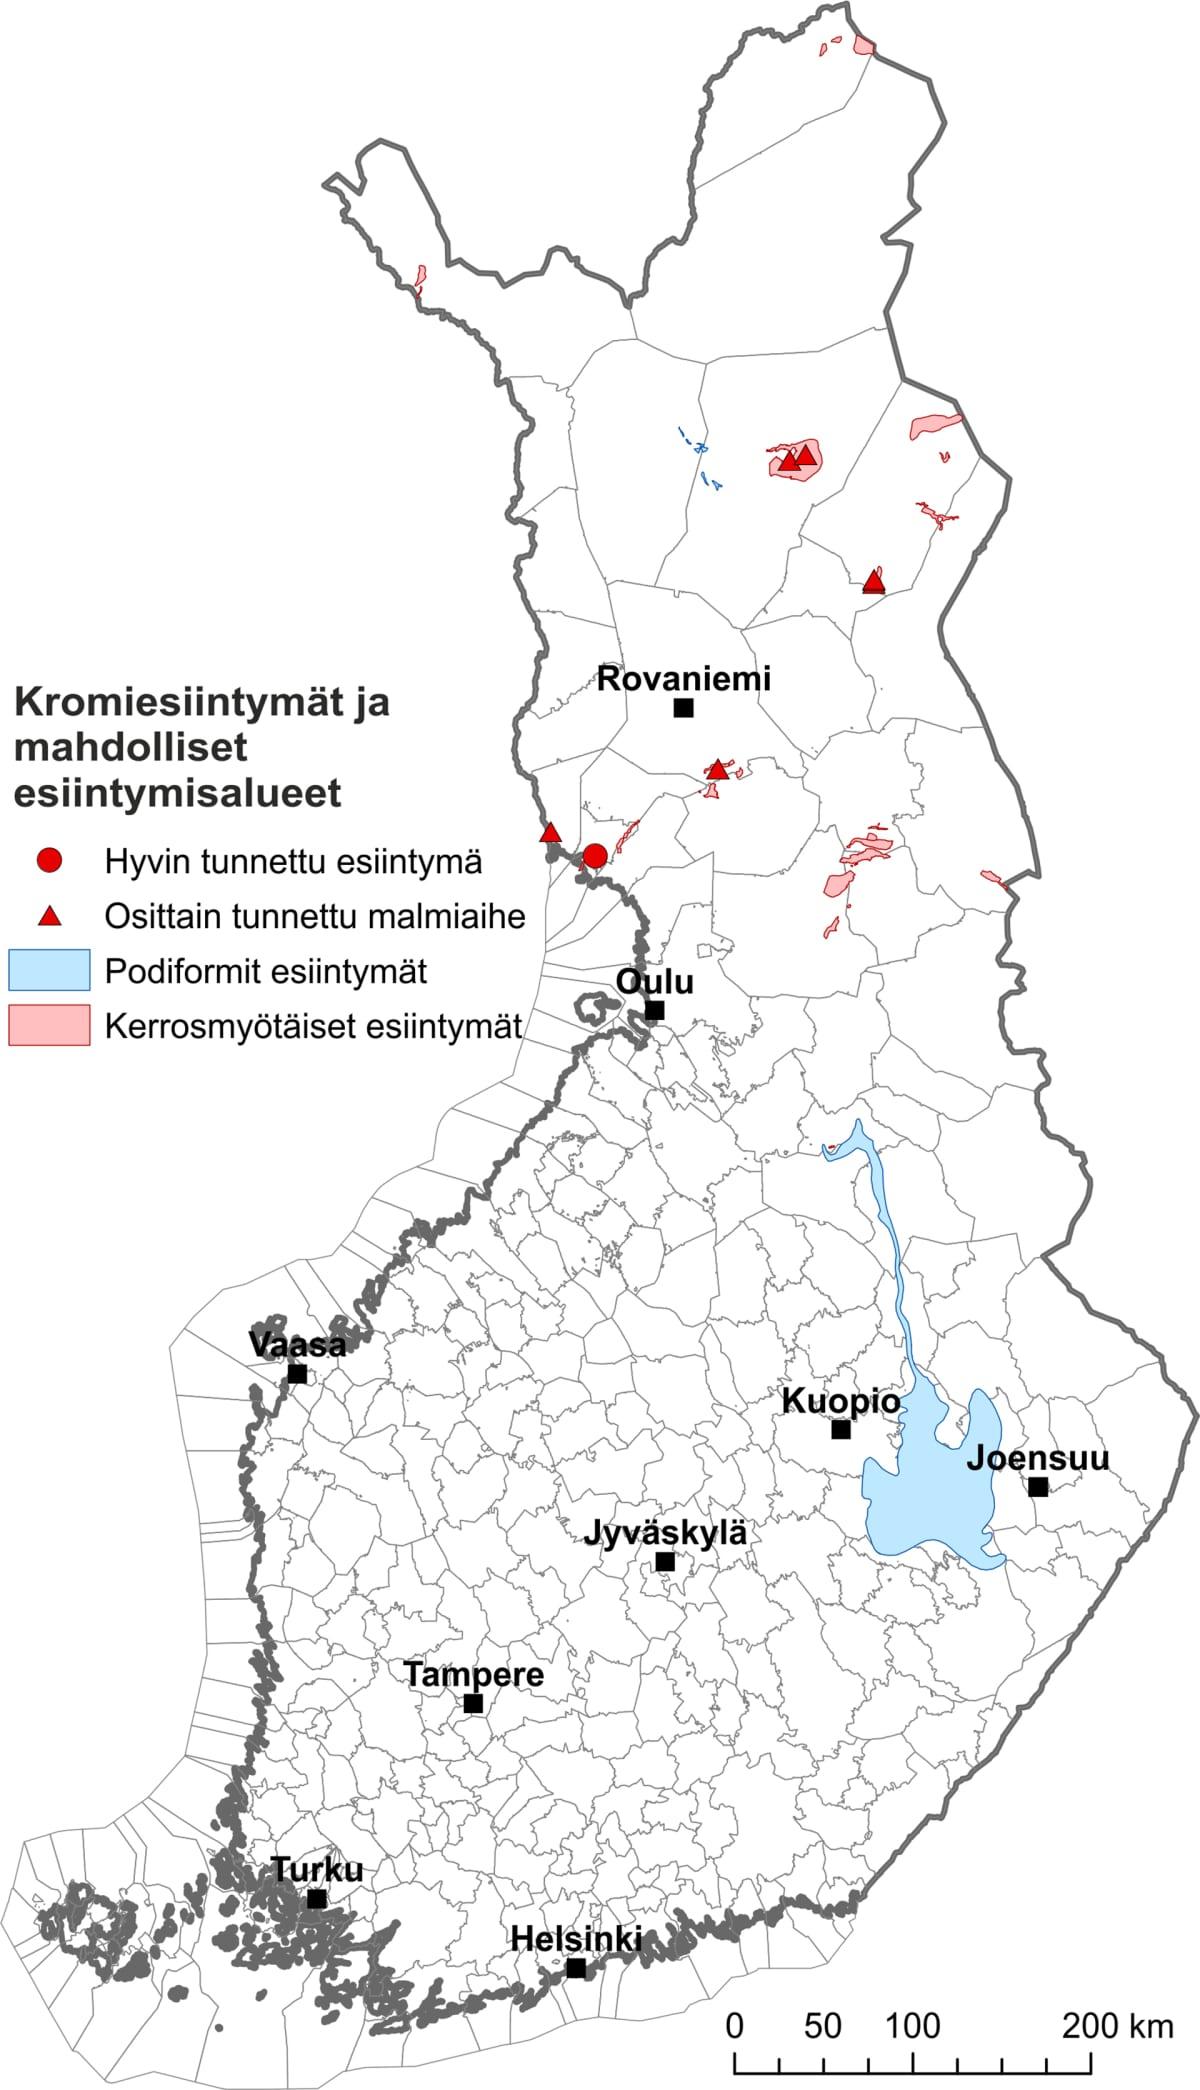 Kartassa näkyvät tunnetut kromiesiintymät sekä alueet, joilla voi olla löytämättömiä kromiesiintymiä.